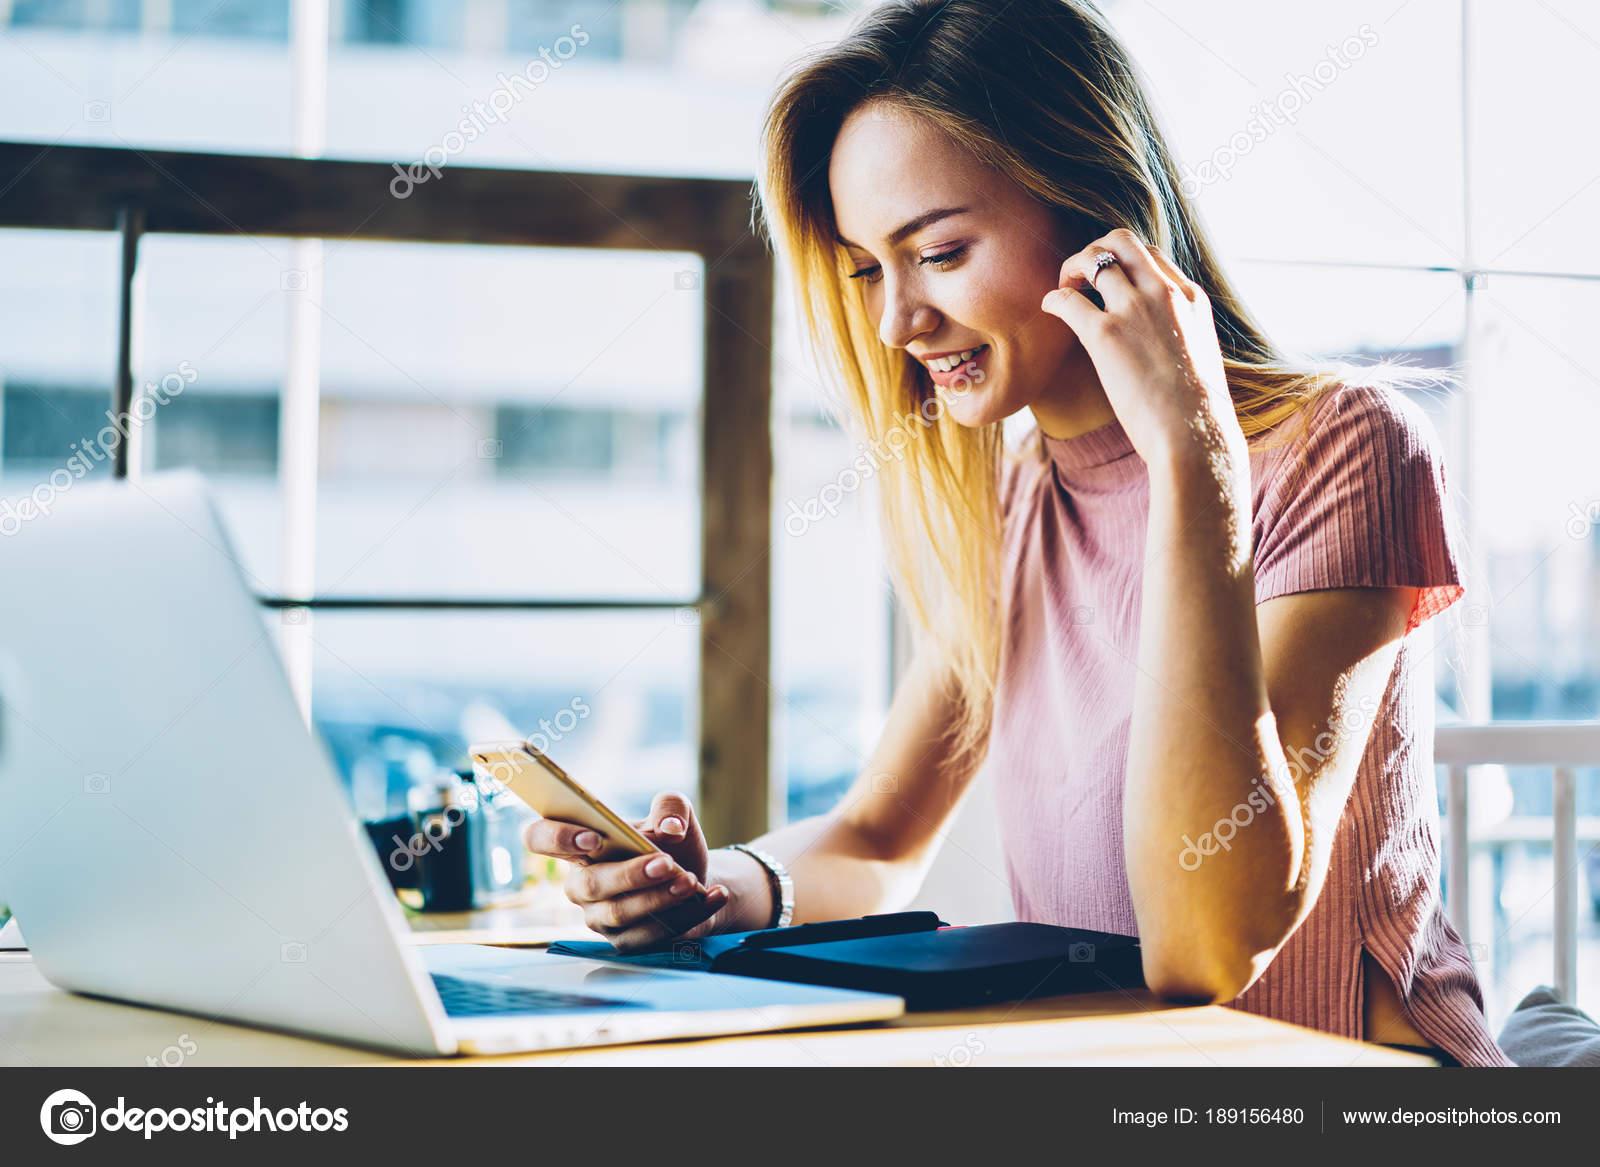 c56e5f638d2d Pozitivní Ženské Blogger Čtení Zprávy Sociálních Sítí Prohlížení ...